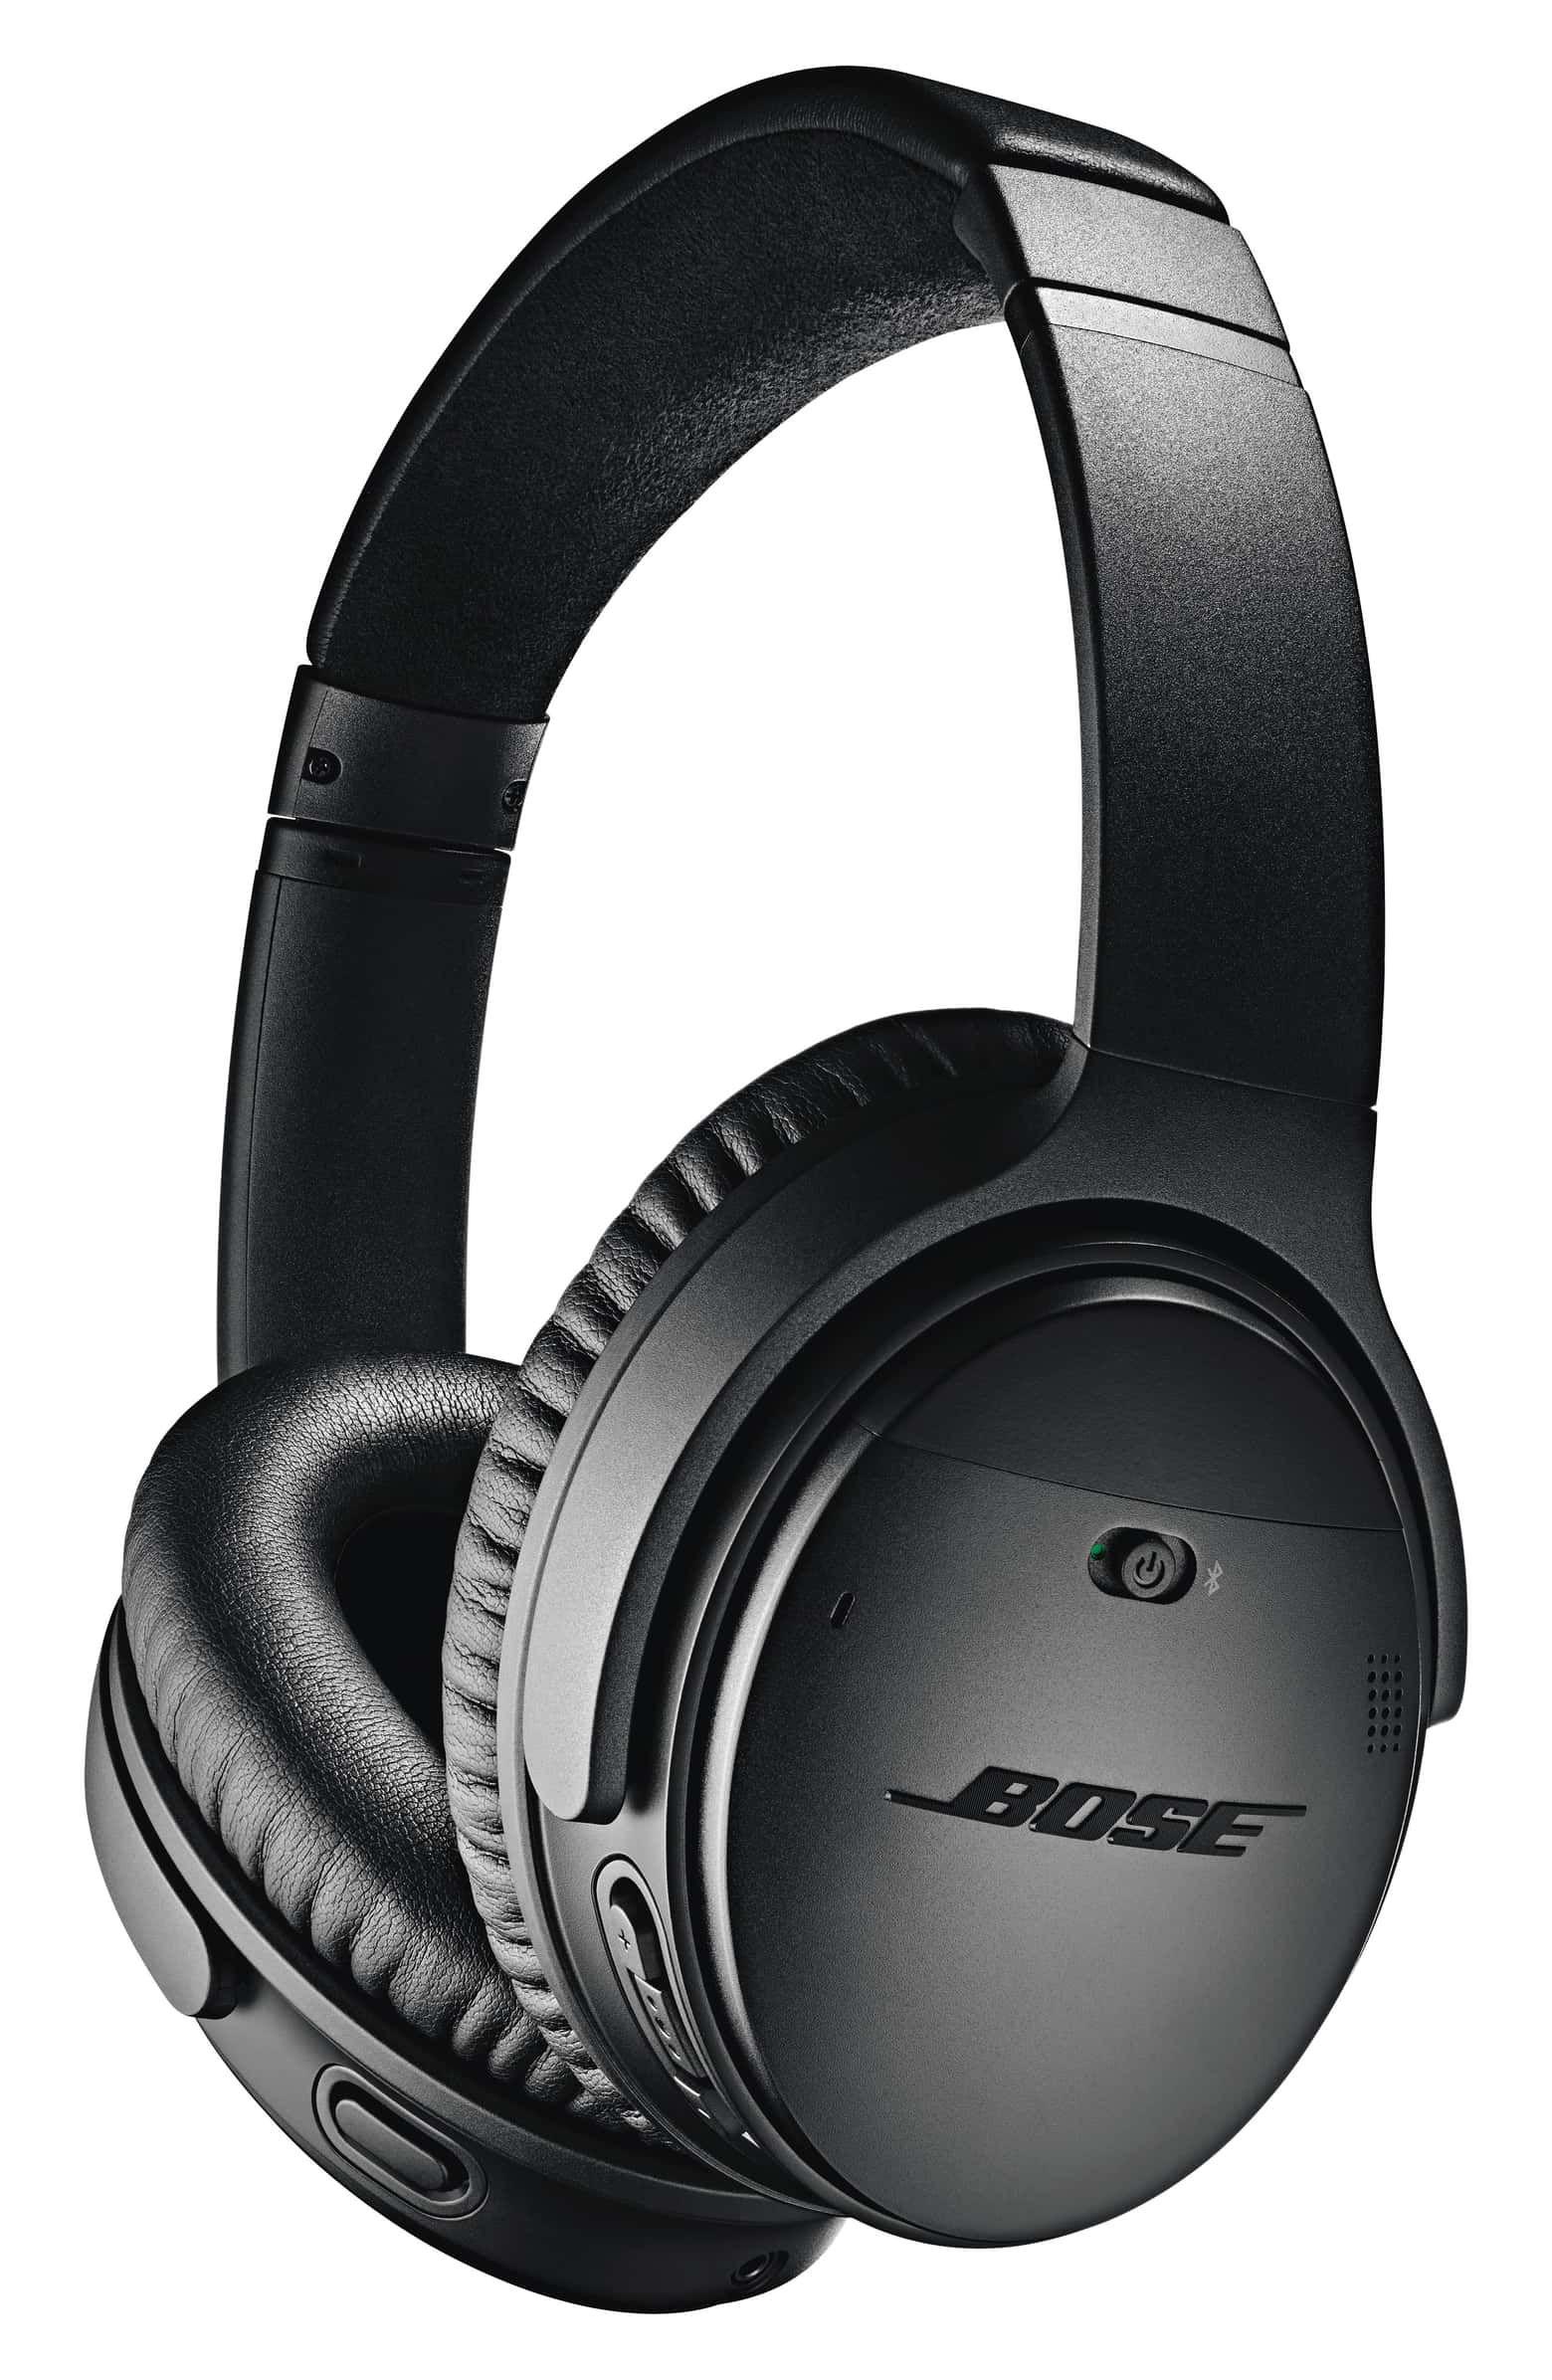 Bose Quietcomfort 35 Wireless Over Ear Headphones Ii With Google Assistant Best Noise Cancelling Headphones Bose Headphones Wireless Noise Cancelling Headphones